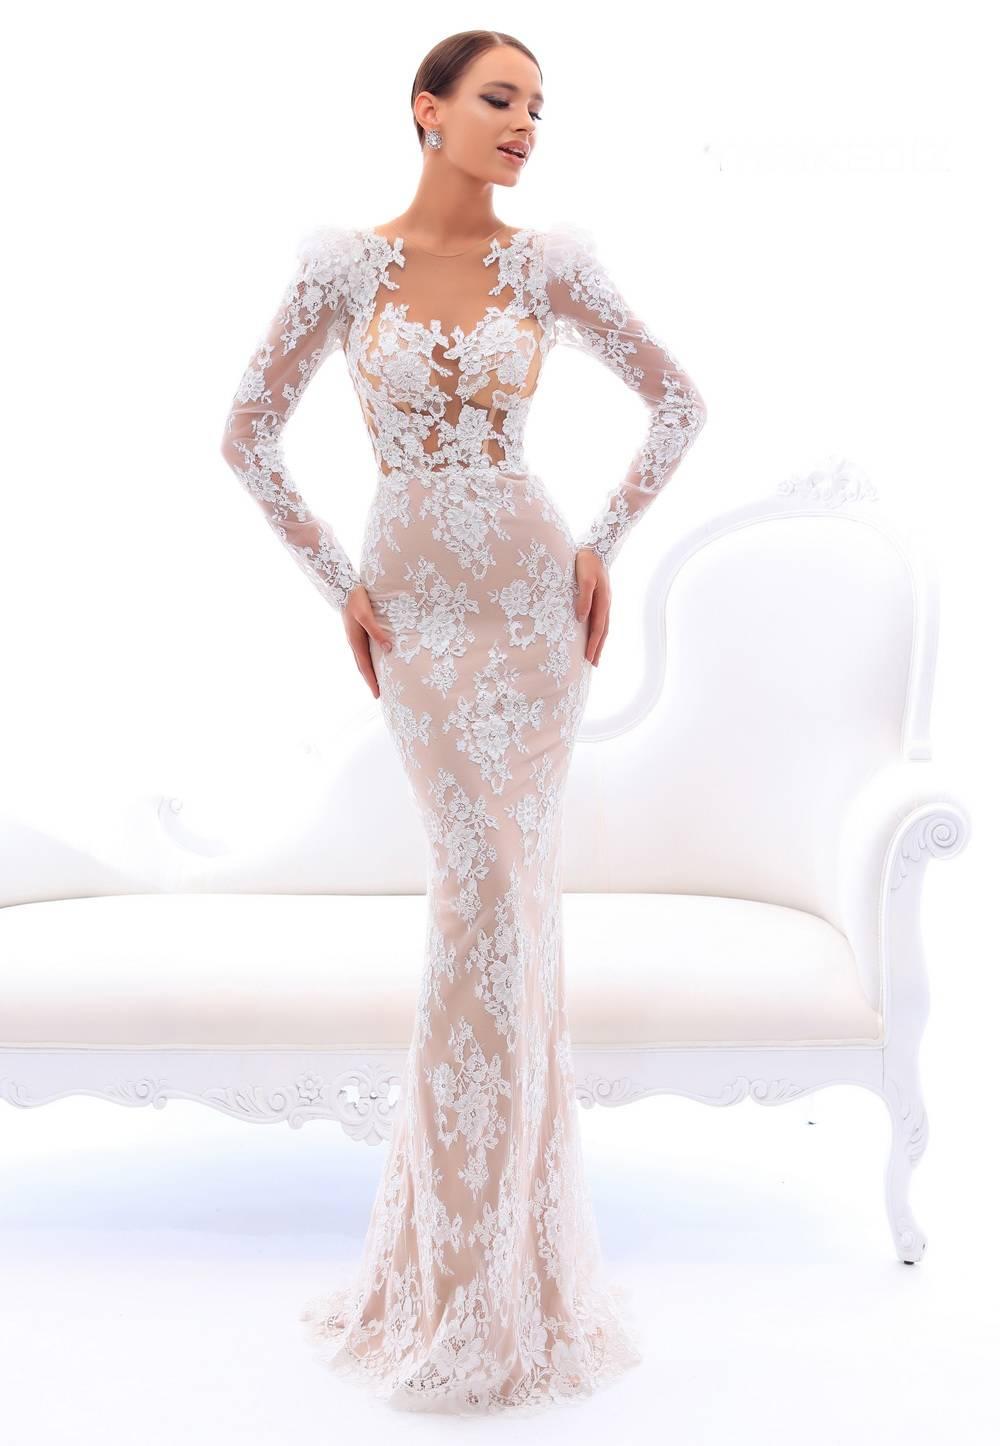 Комбинированное платье скроет любые недостатки, воспользуйтесь новыми идеями дизайнеров